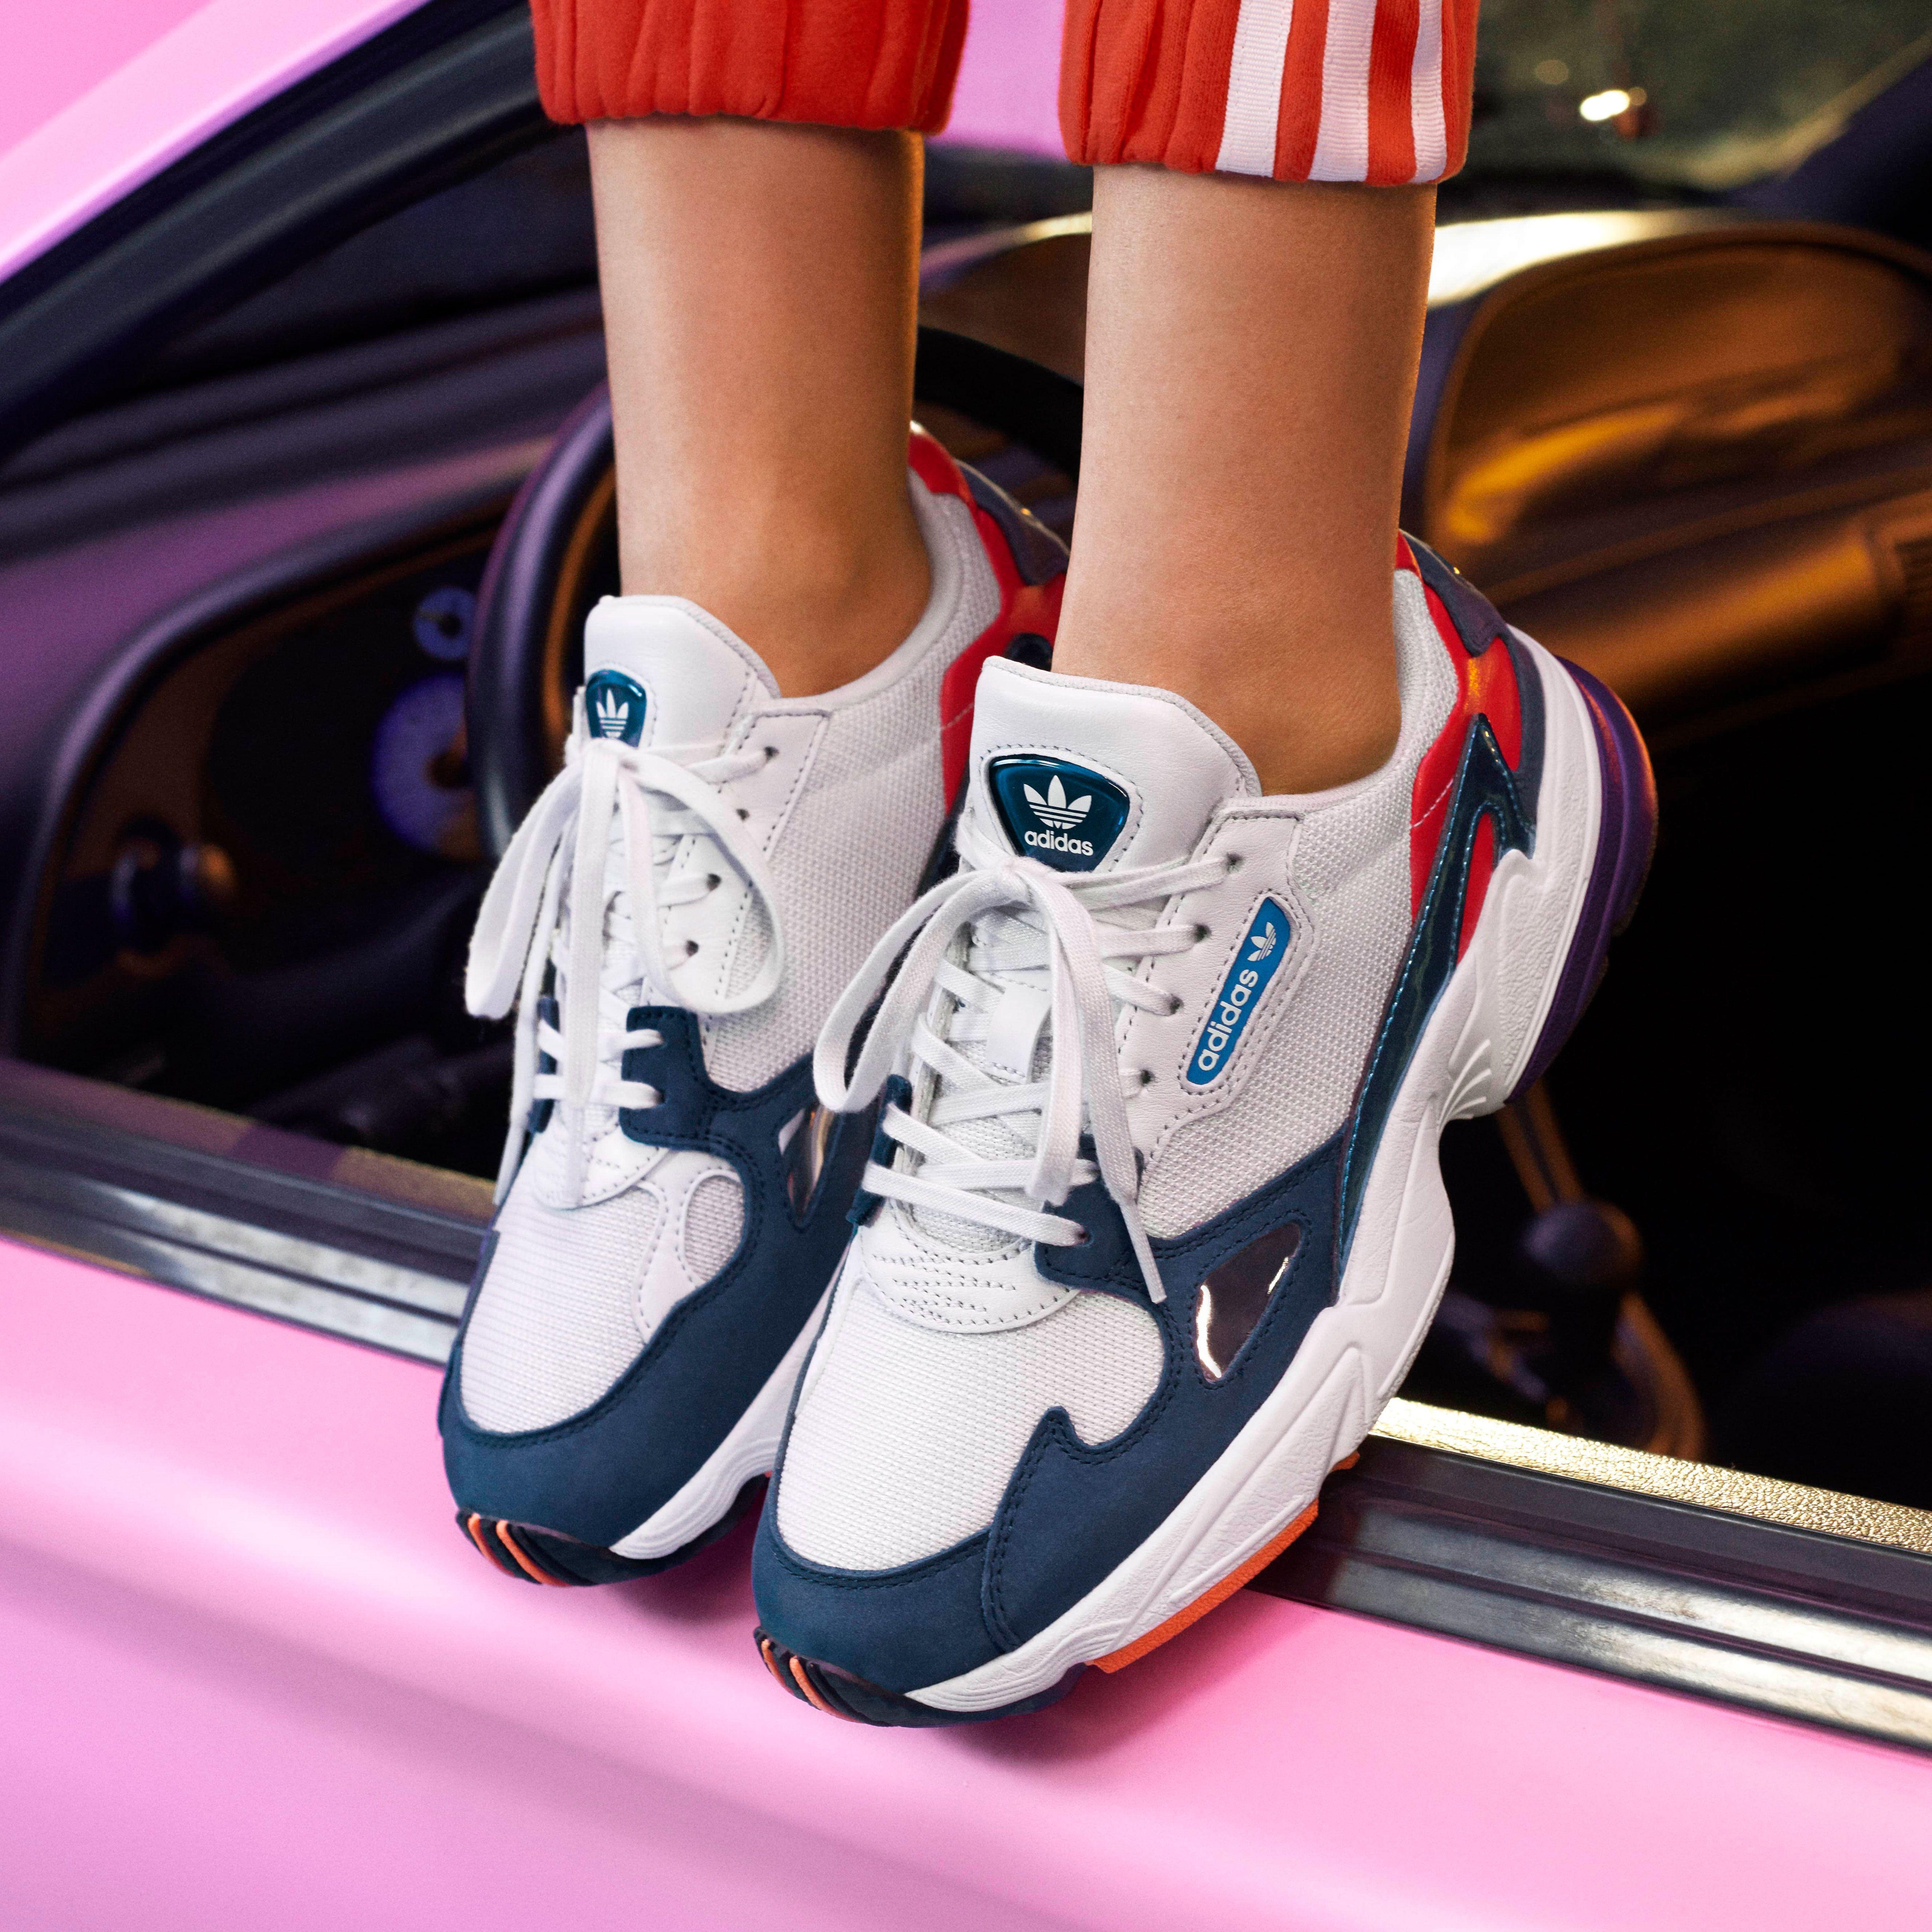 Cool sneakers Adidas Falcon Chulísimas zapatillas Adidas